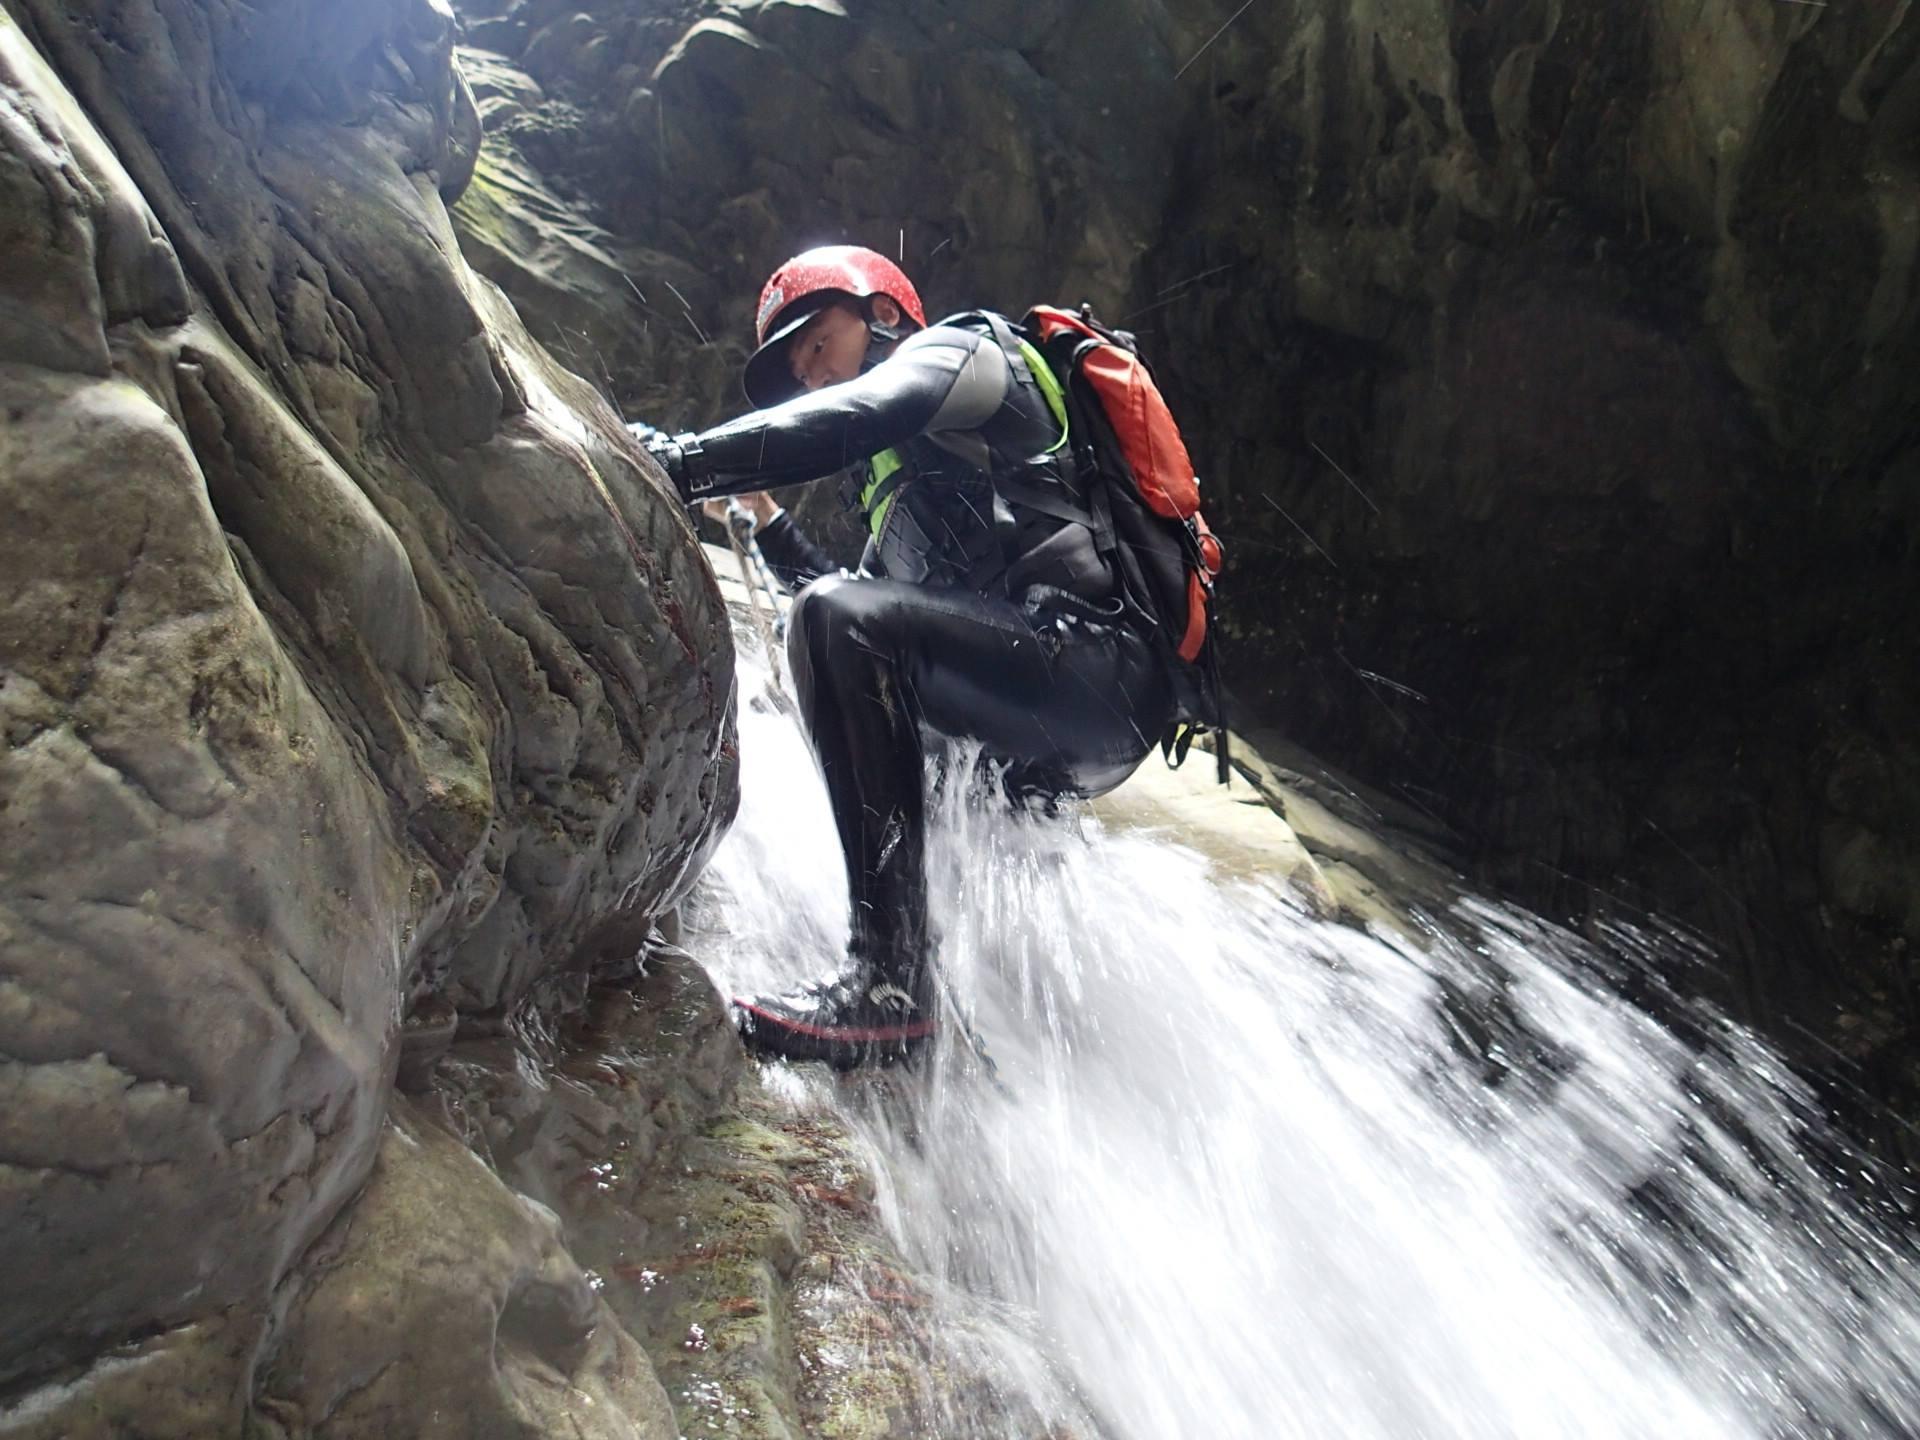 途中需要利用繩索攀爬瀑布激流,一定要有專業教練同行!